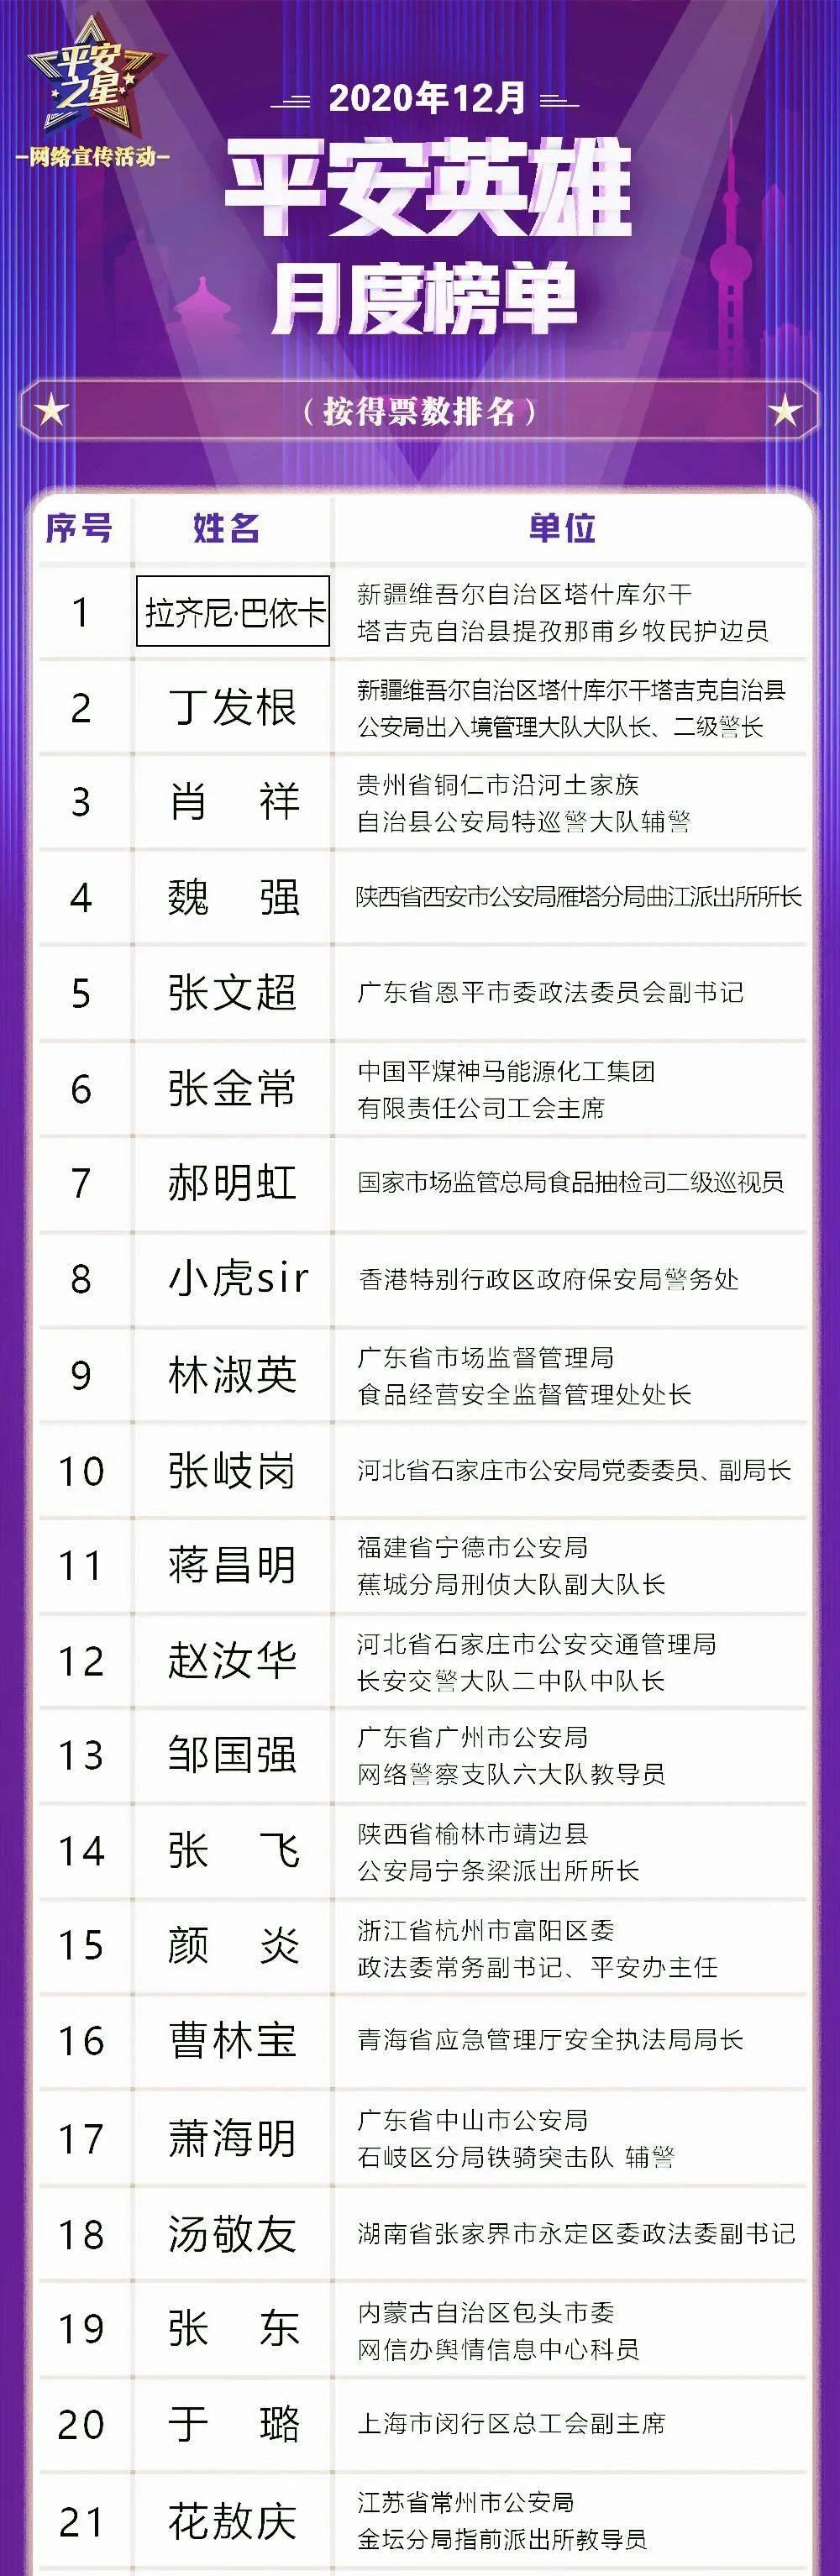 """【平安之星】曲靖1人上榜‖12月""""平安之星""""榜单揭晓"""